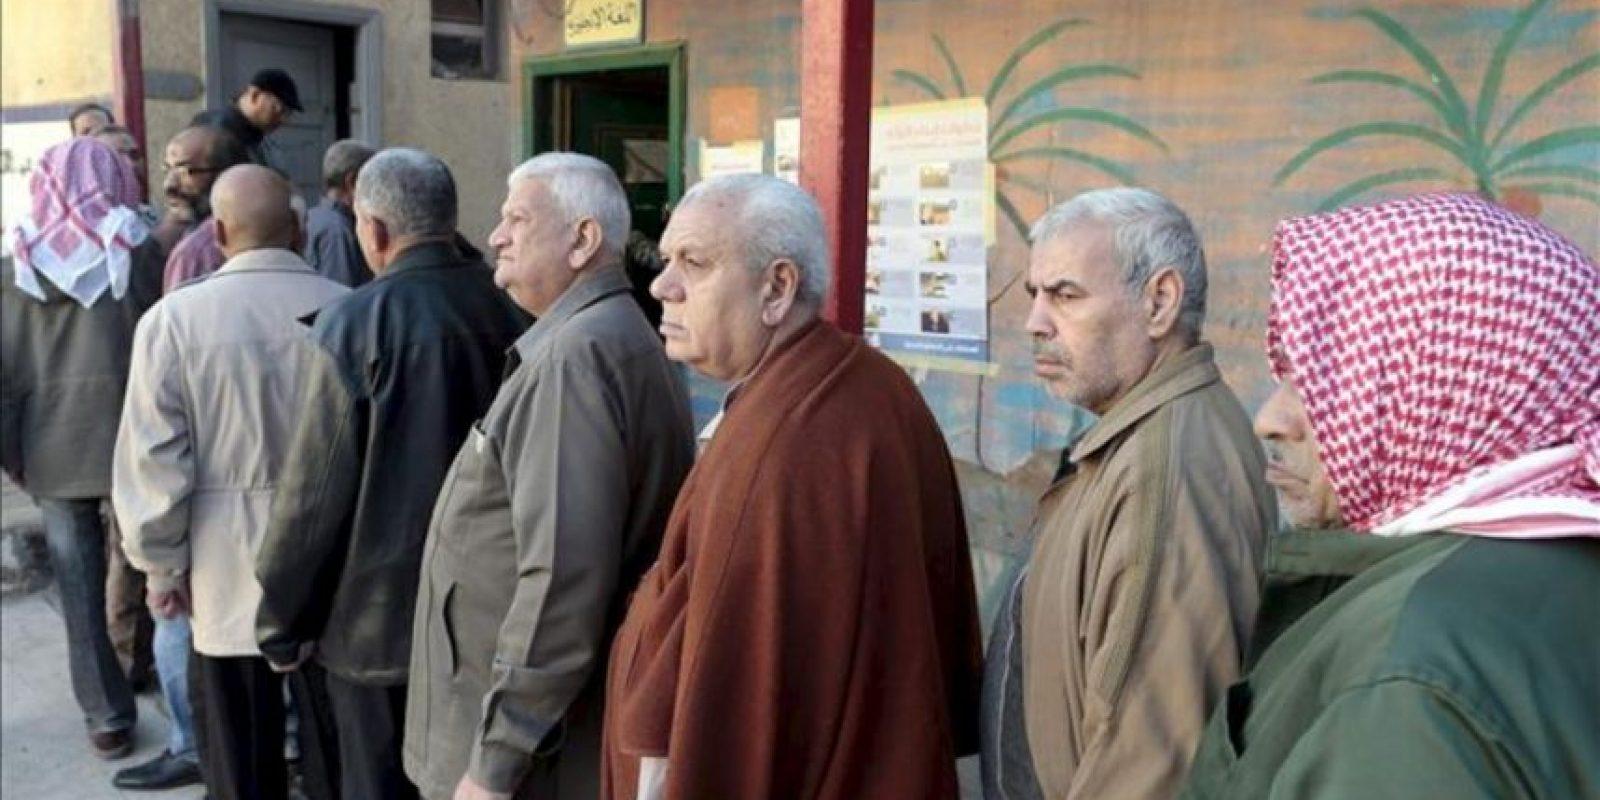 Hombres egipcios esperan en fila para votar durante la segunda vuelta del referendum sobre la nueva Constitución, en Giza, El Cairo, Egipto, hoy, 22 de diciembre de 2012. EFE